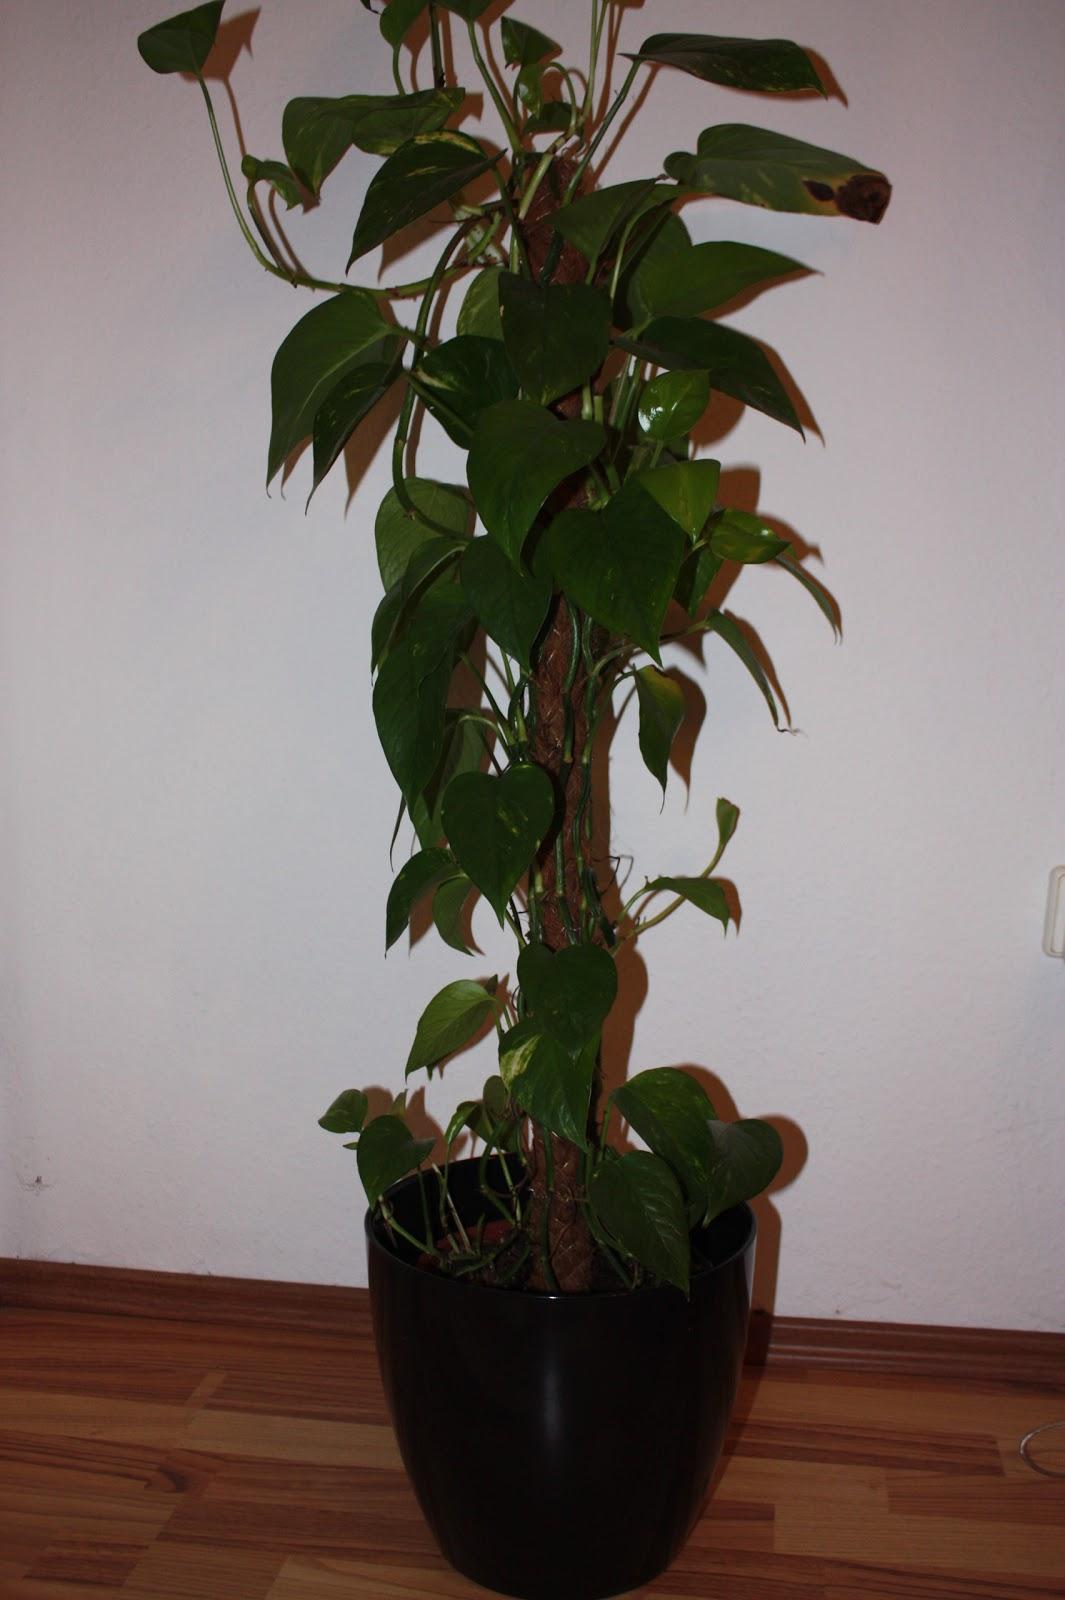 ichliebeeinkaufen pflegeleichte pflanze f r zimmer mit wenig licht. Black Bedroom Furniture Sets. Home Design Ideas